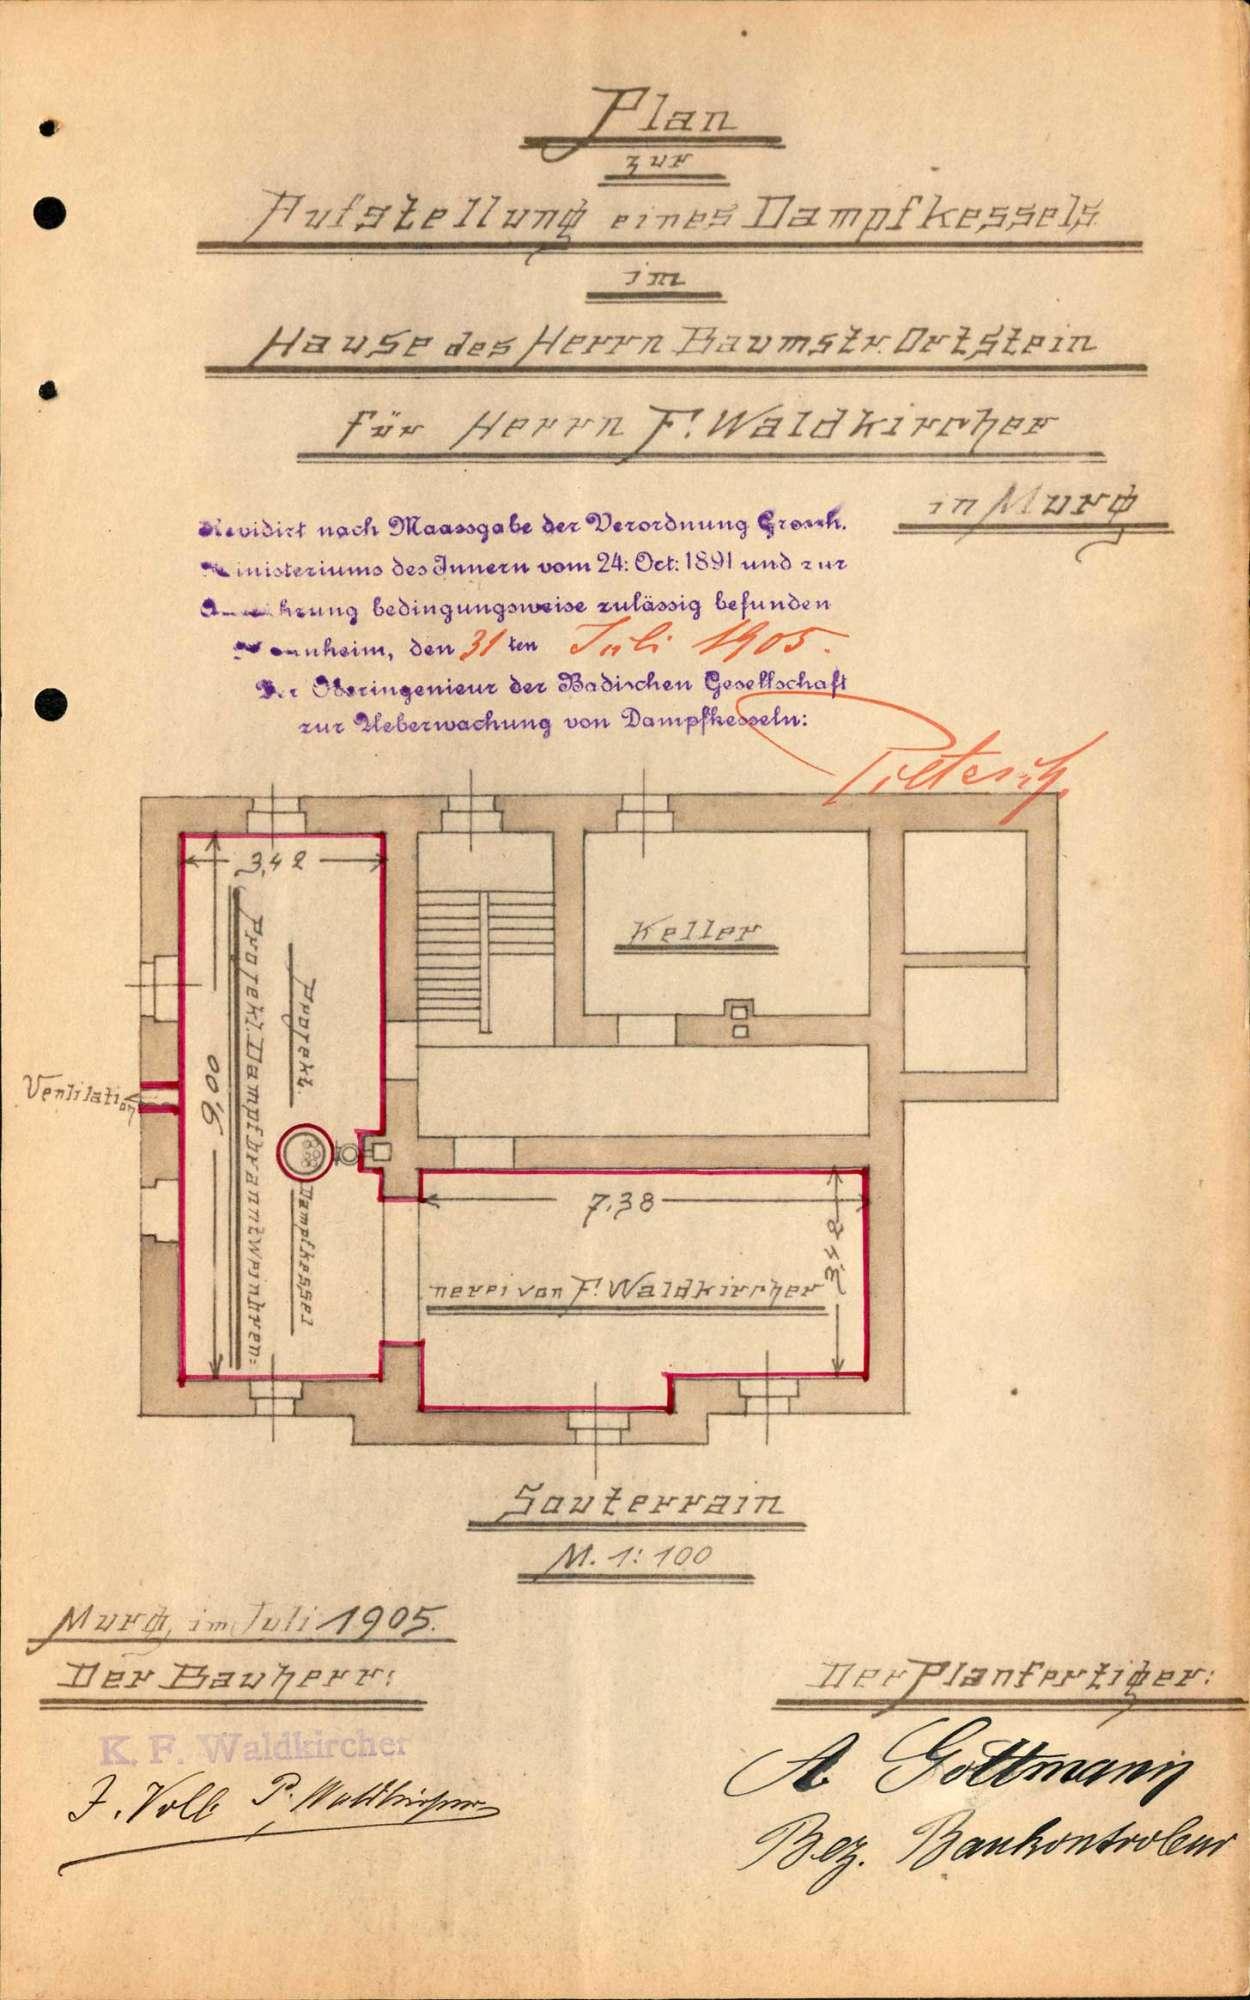 Dampfkessel der Firma Branntweinbrennerei K. F. Waldkircher in Murg, Bild 2